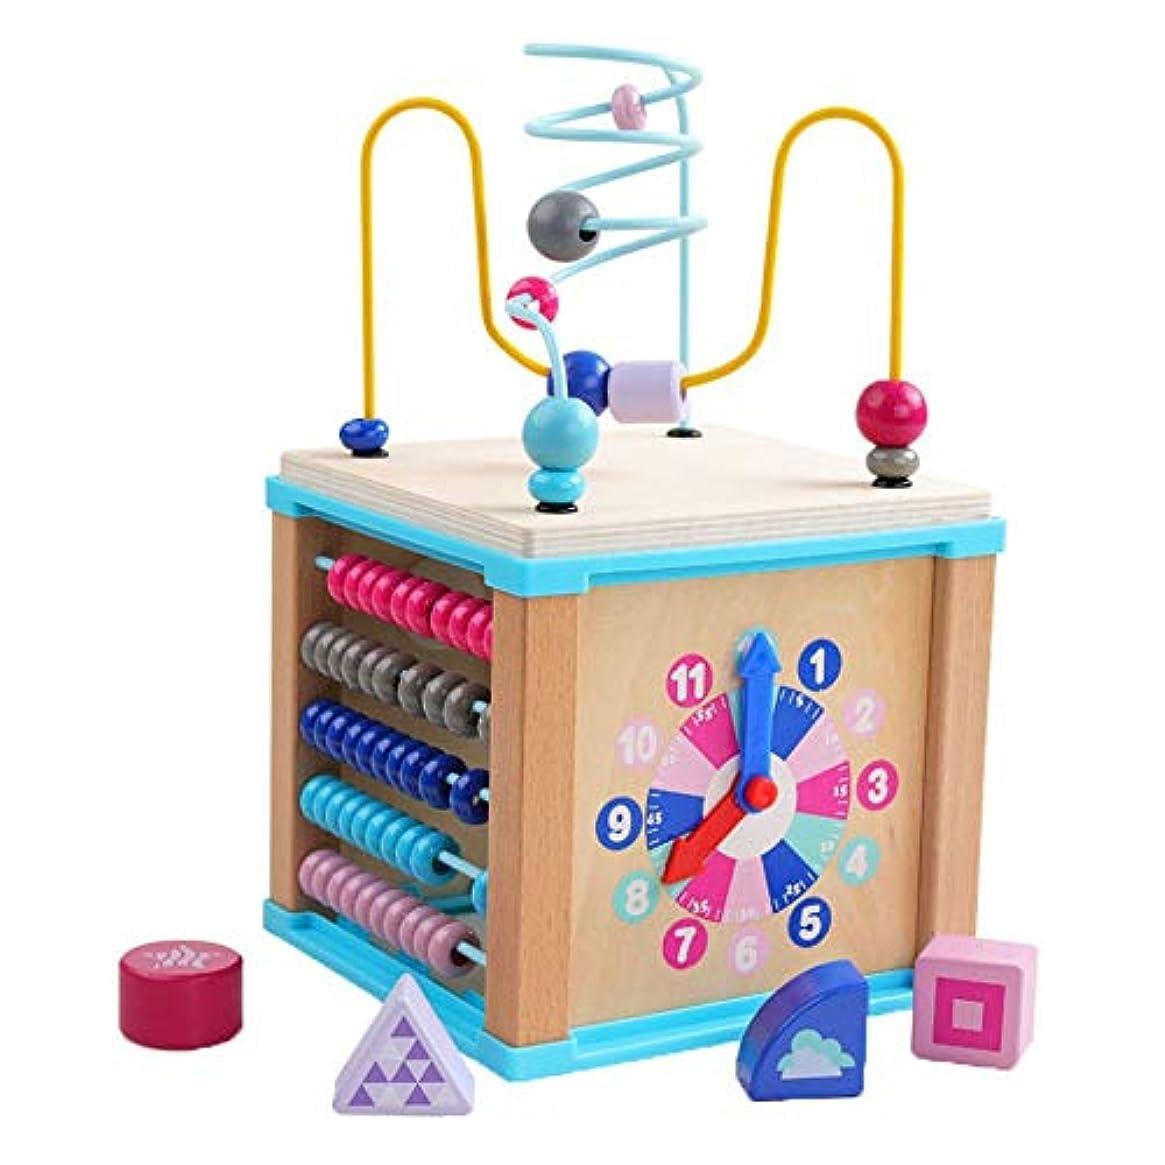 カメ細心のプログラム脳ゲーム 木製ビーズ迷路、子供のための適切な木製の赤ちゃんと幼児のおもちゃサークル教育木製ビーズ迷路形教育玩具迷路ローラーコースター教育木製玩具数学、 安全で無害 (Color : Multi-colored)